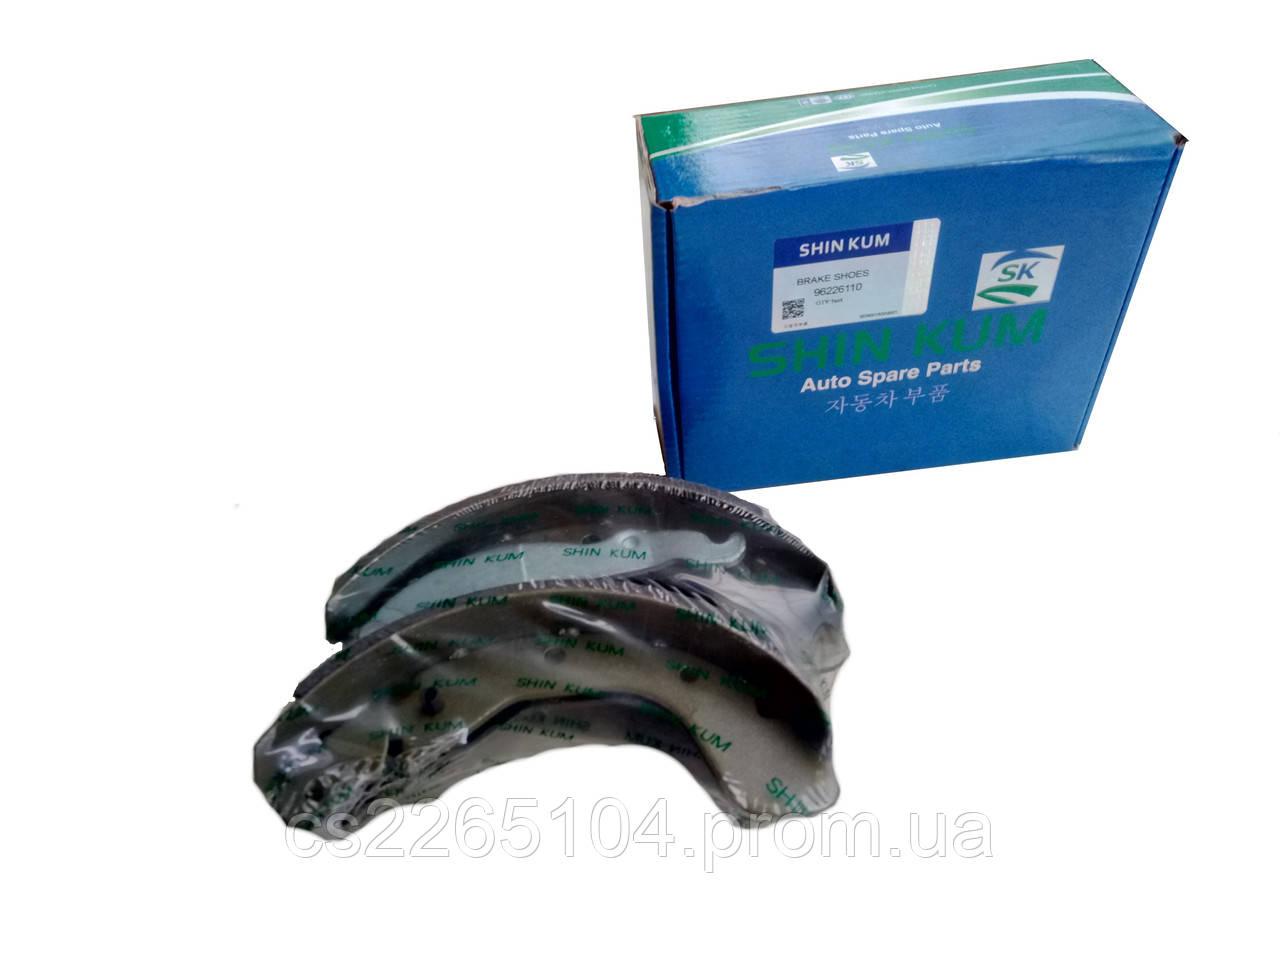 Колодки тормозные задние Lanos Sens,Nexia (Shin Kum) Корея